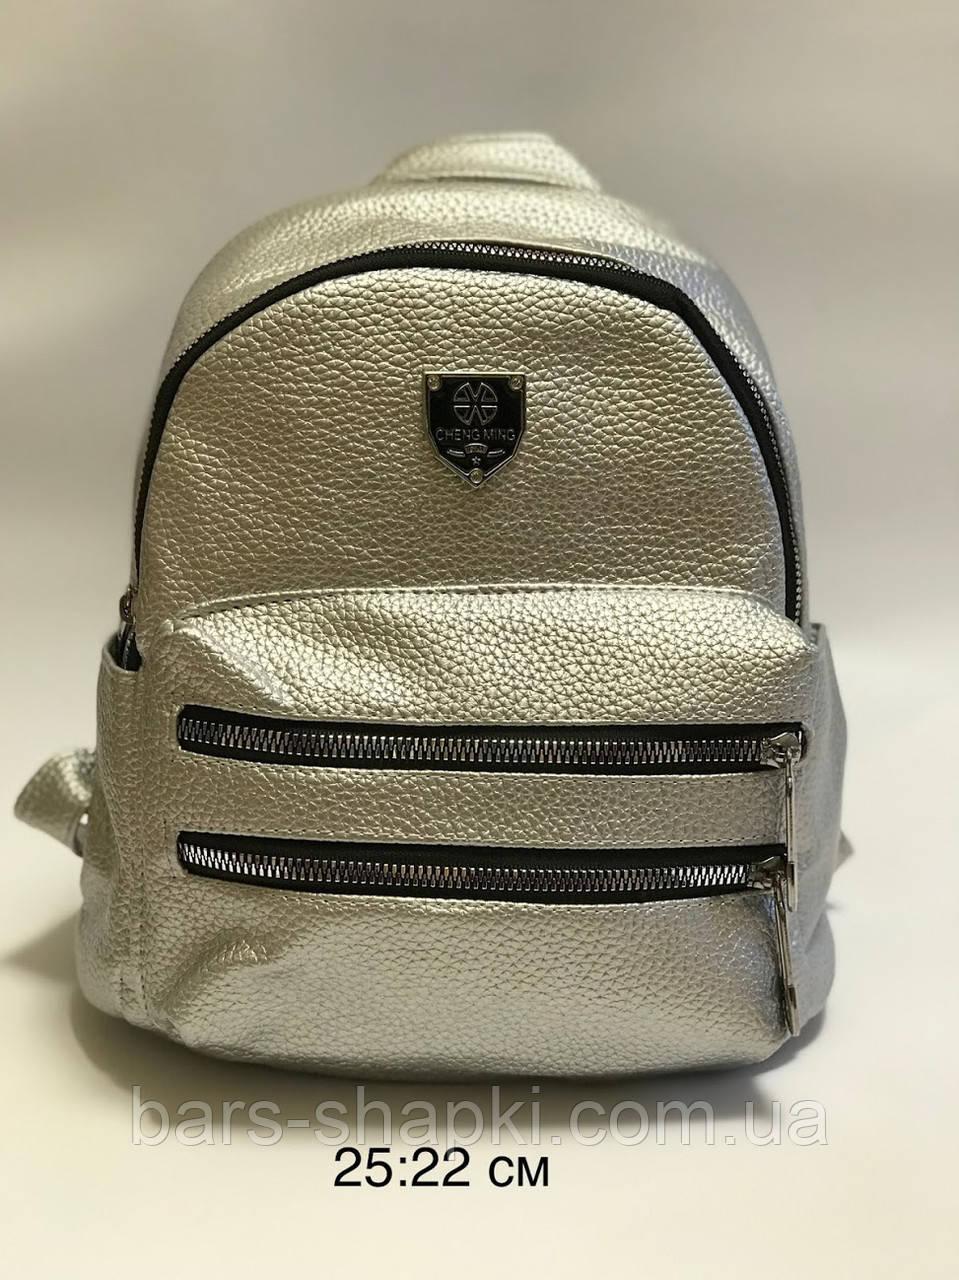 Качественный городской рюкзак с подкладкой. Размер 25:22 см. Есть опт.